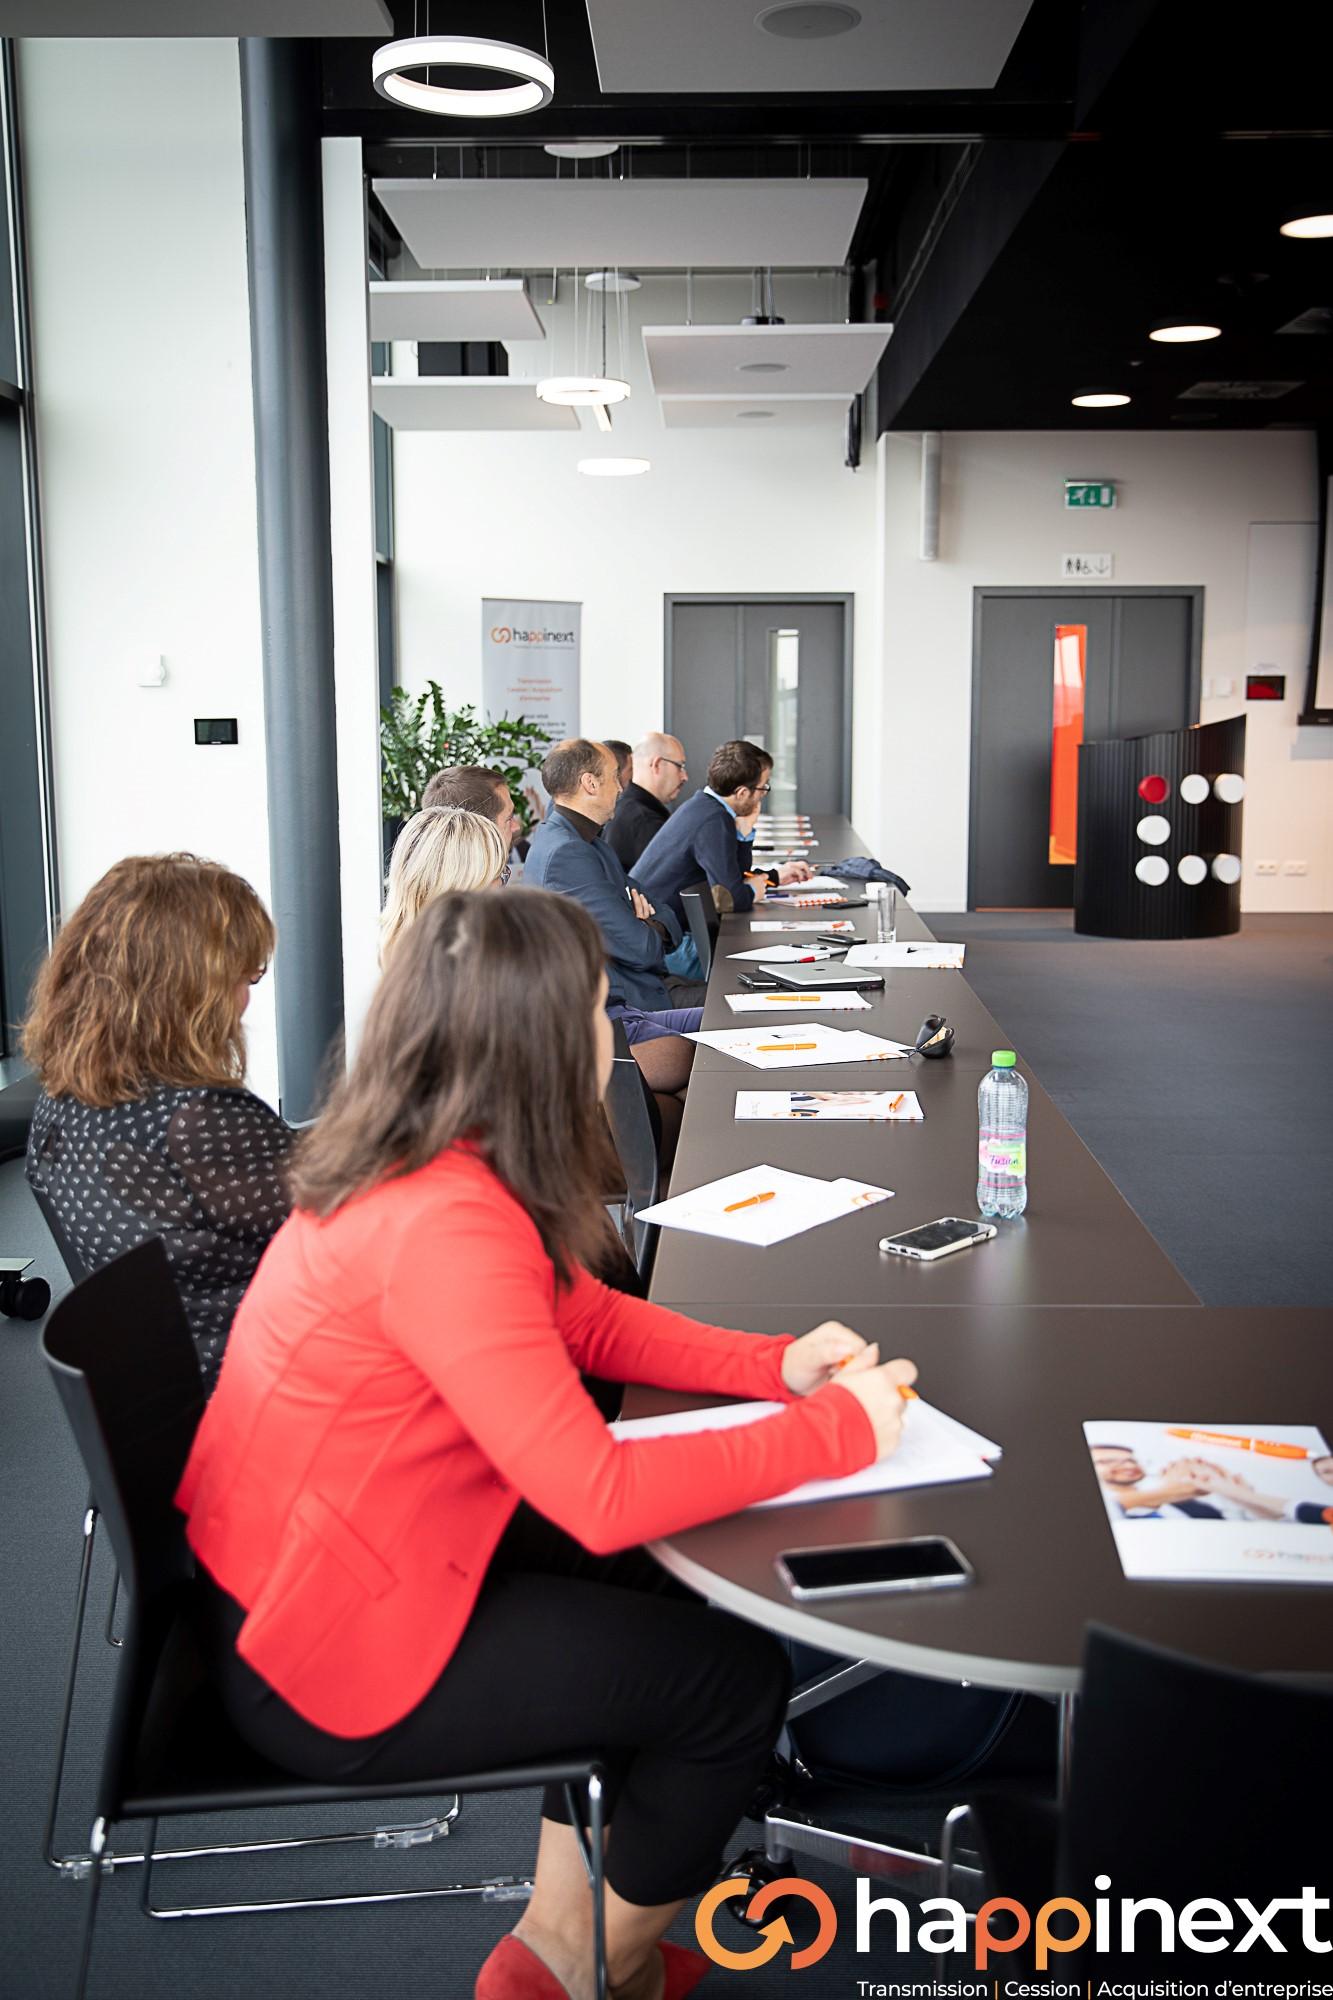 Cession, Acquisition, Transmission d'entreprise Happinext Wallonie Belgique